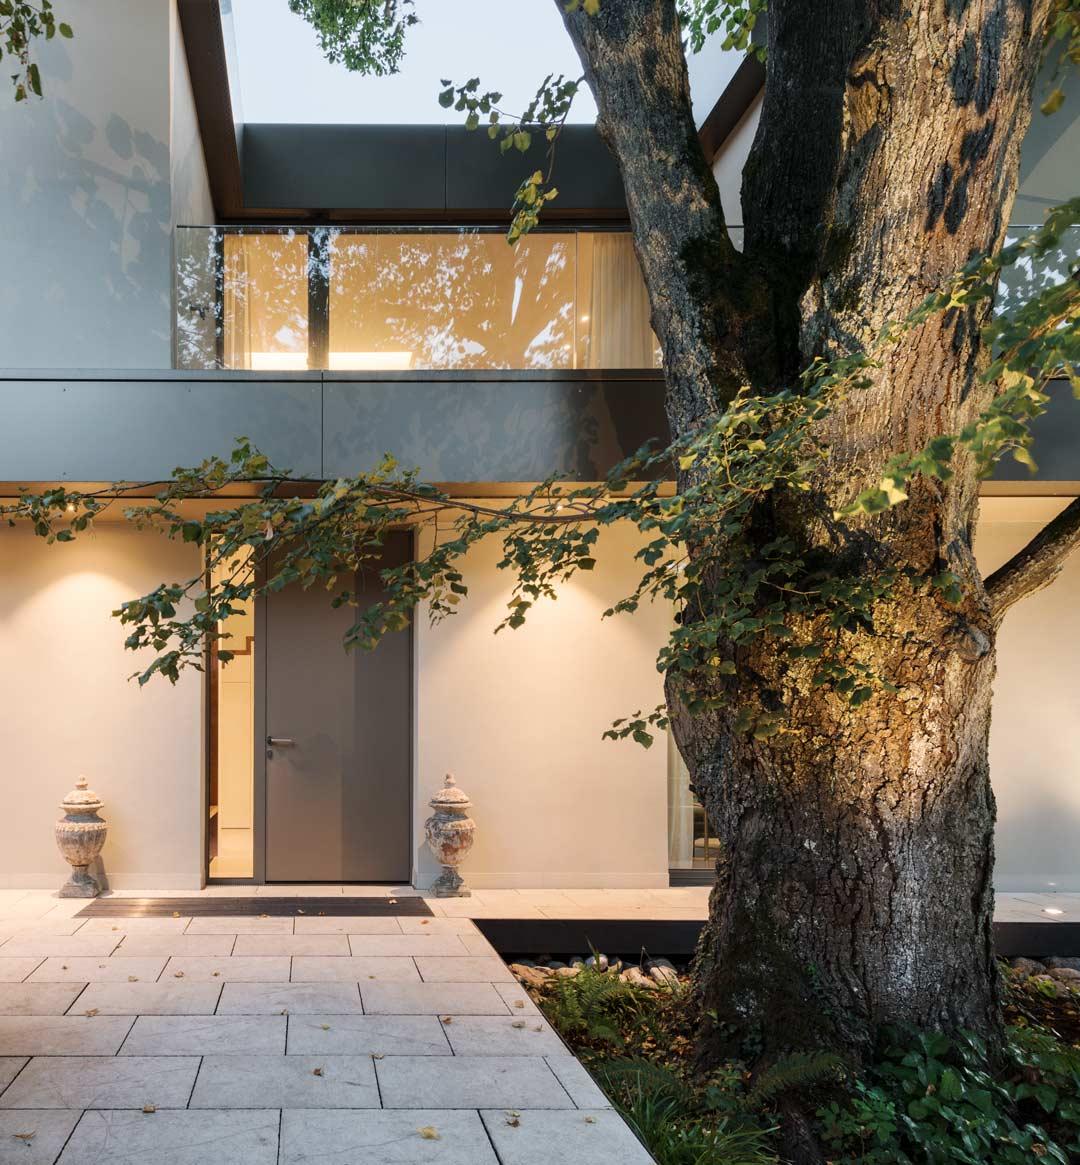 Baurealisation-Zuerich-Kuesnacht-Fassade